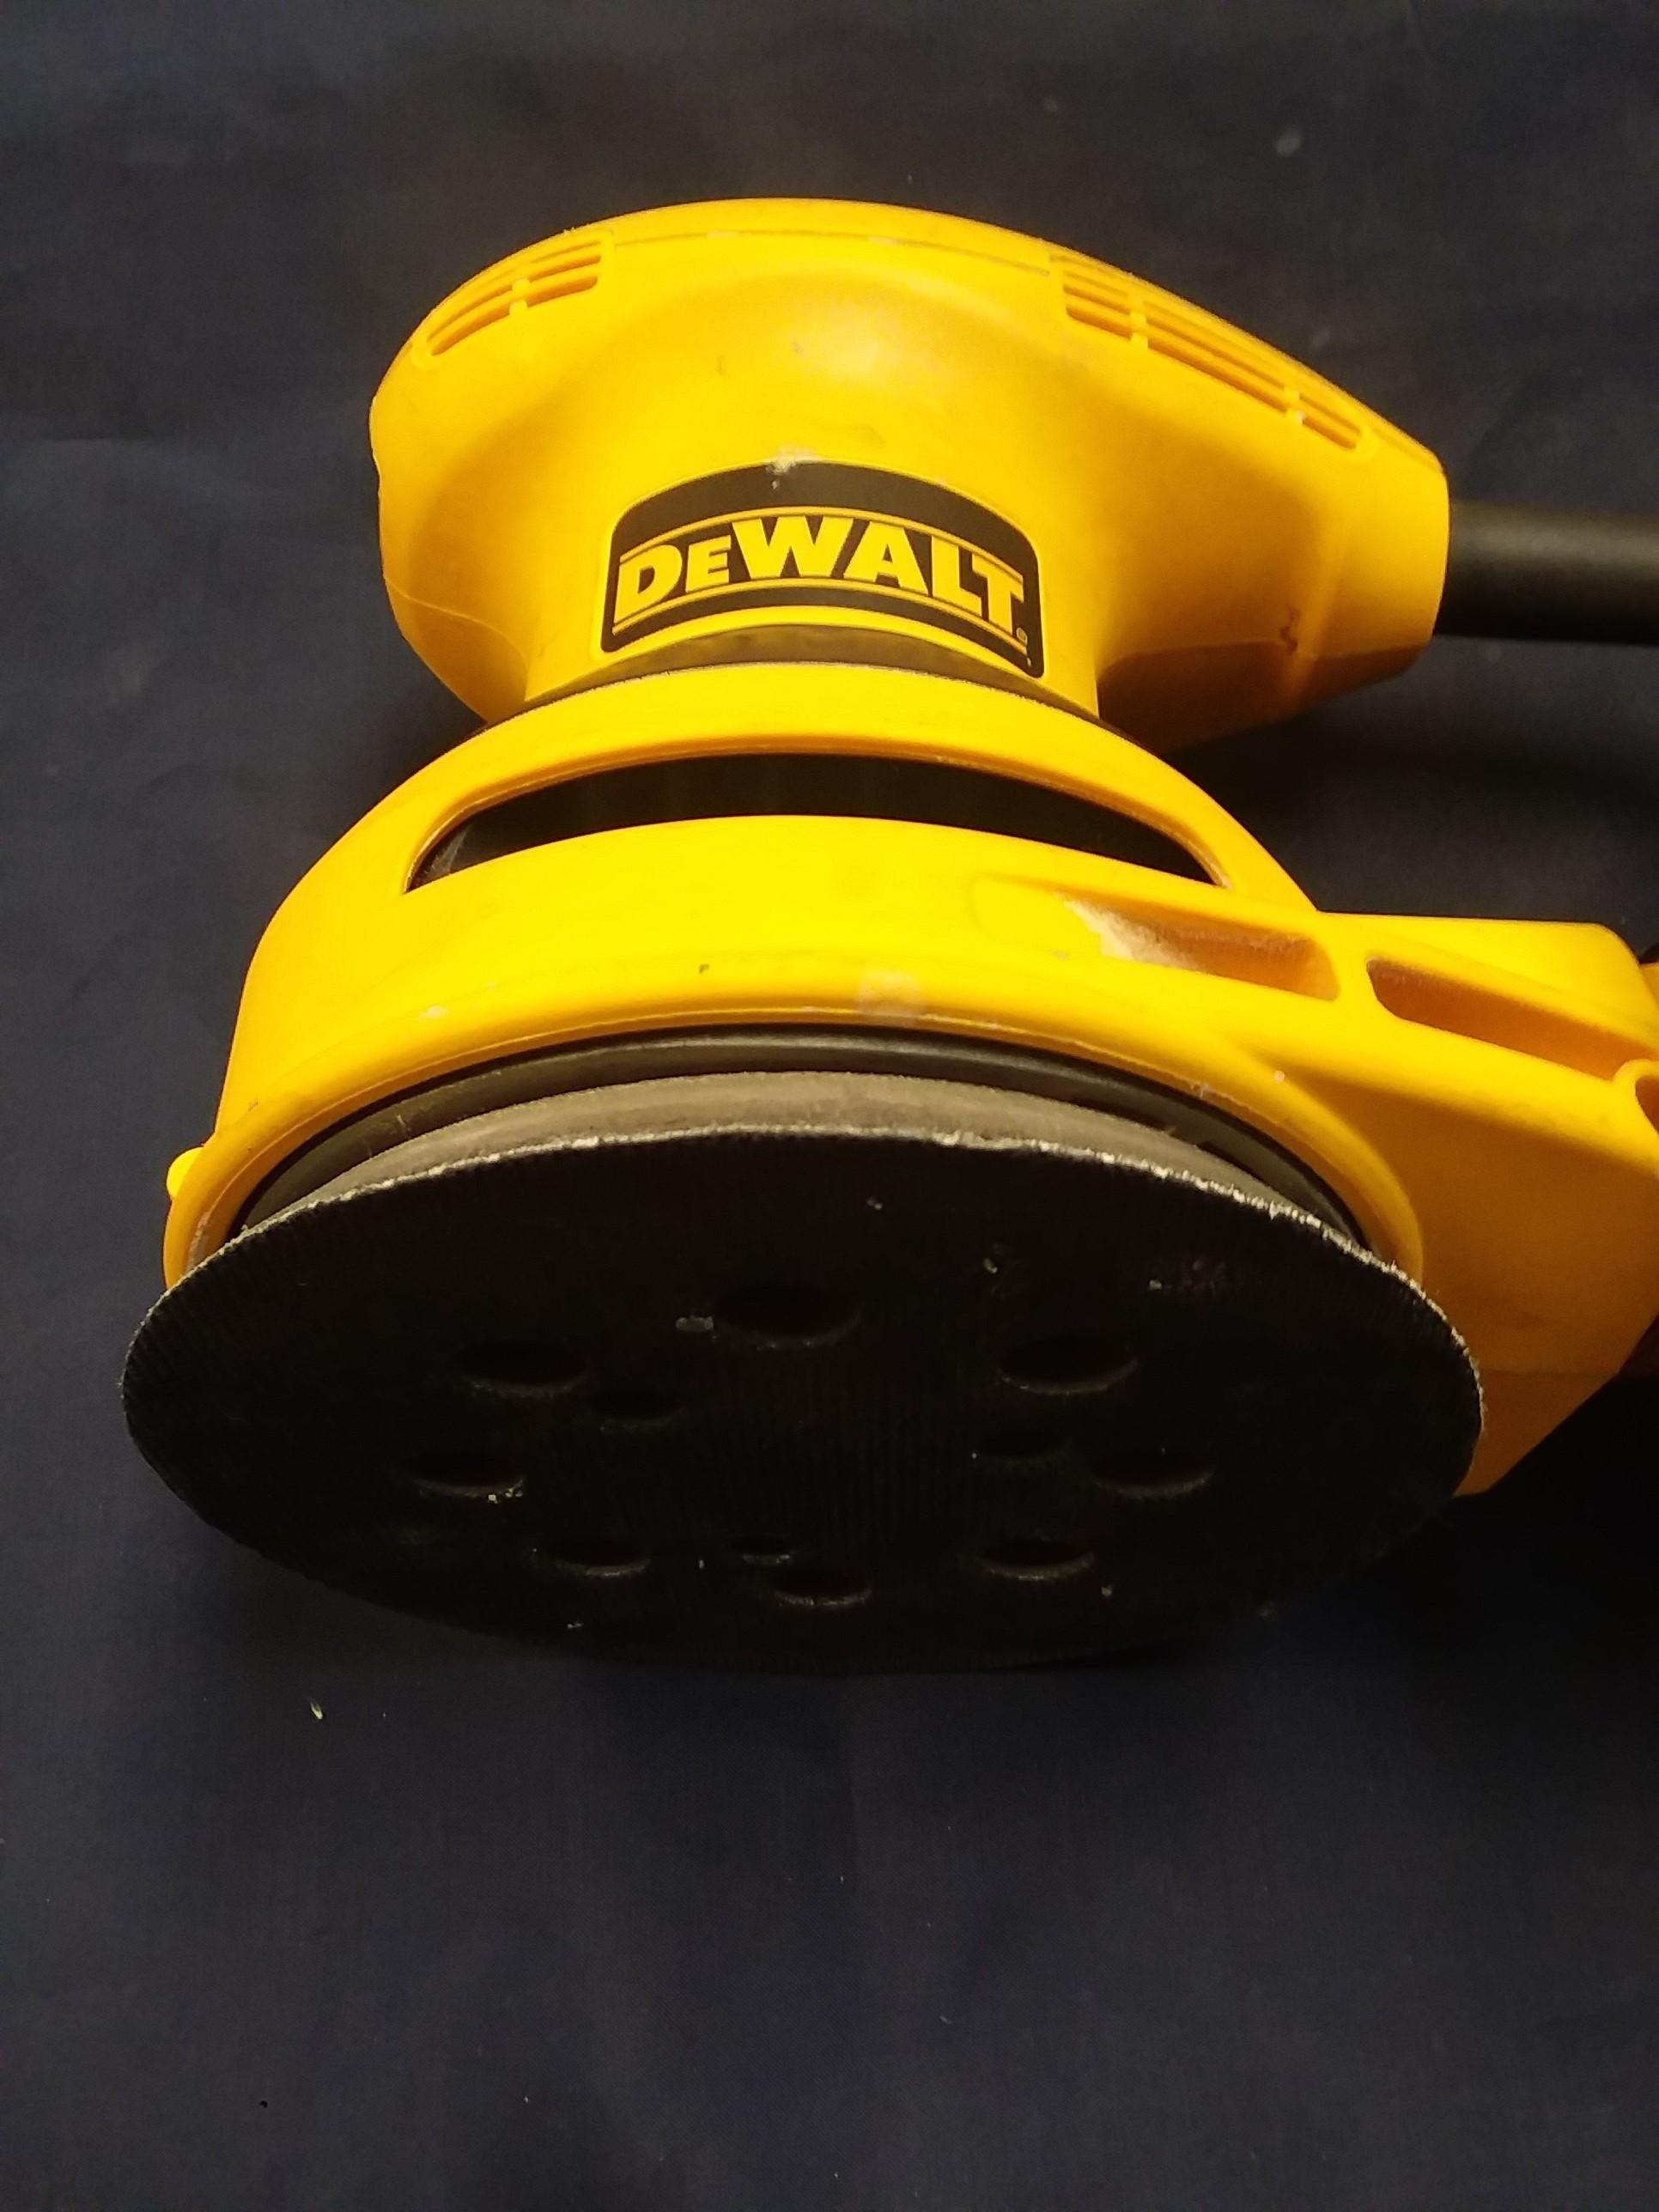 TOOLS: DEWALT - HEAVY DUTY 5